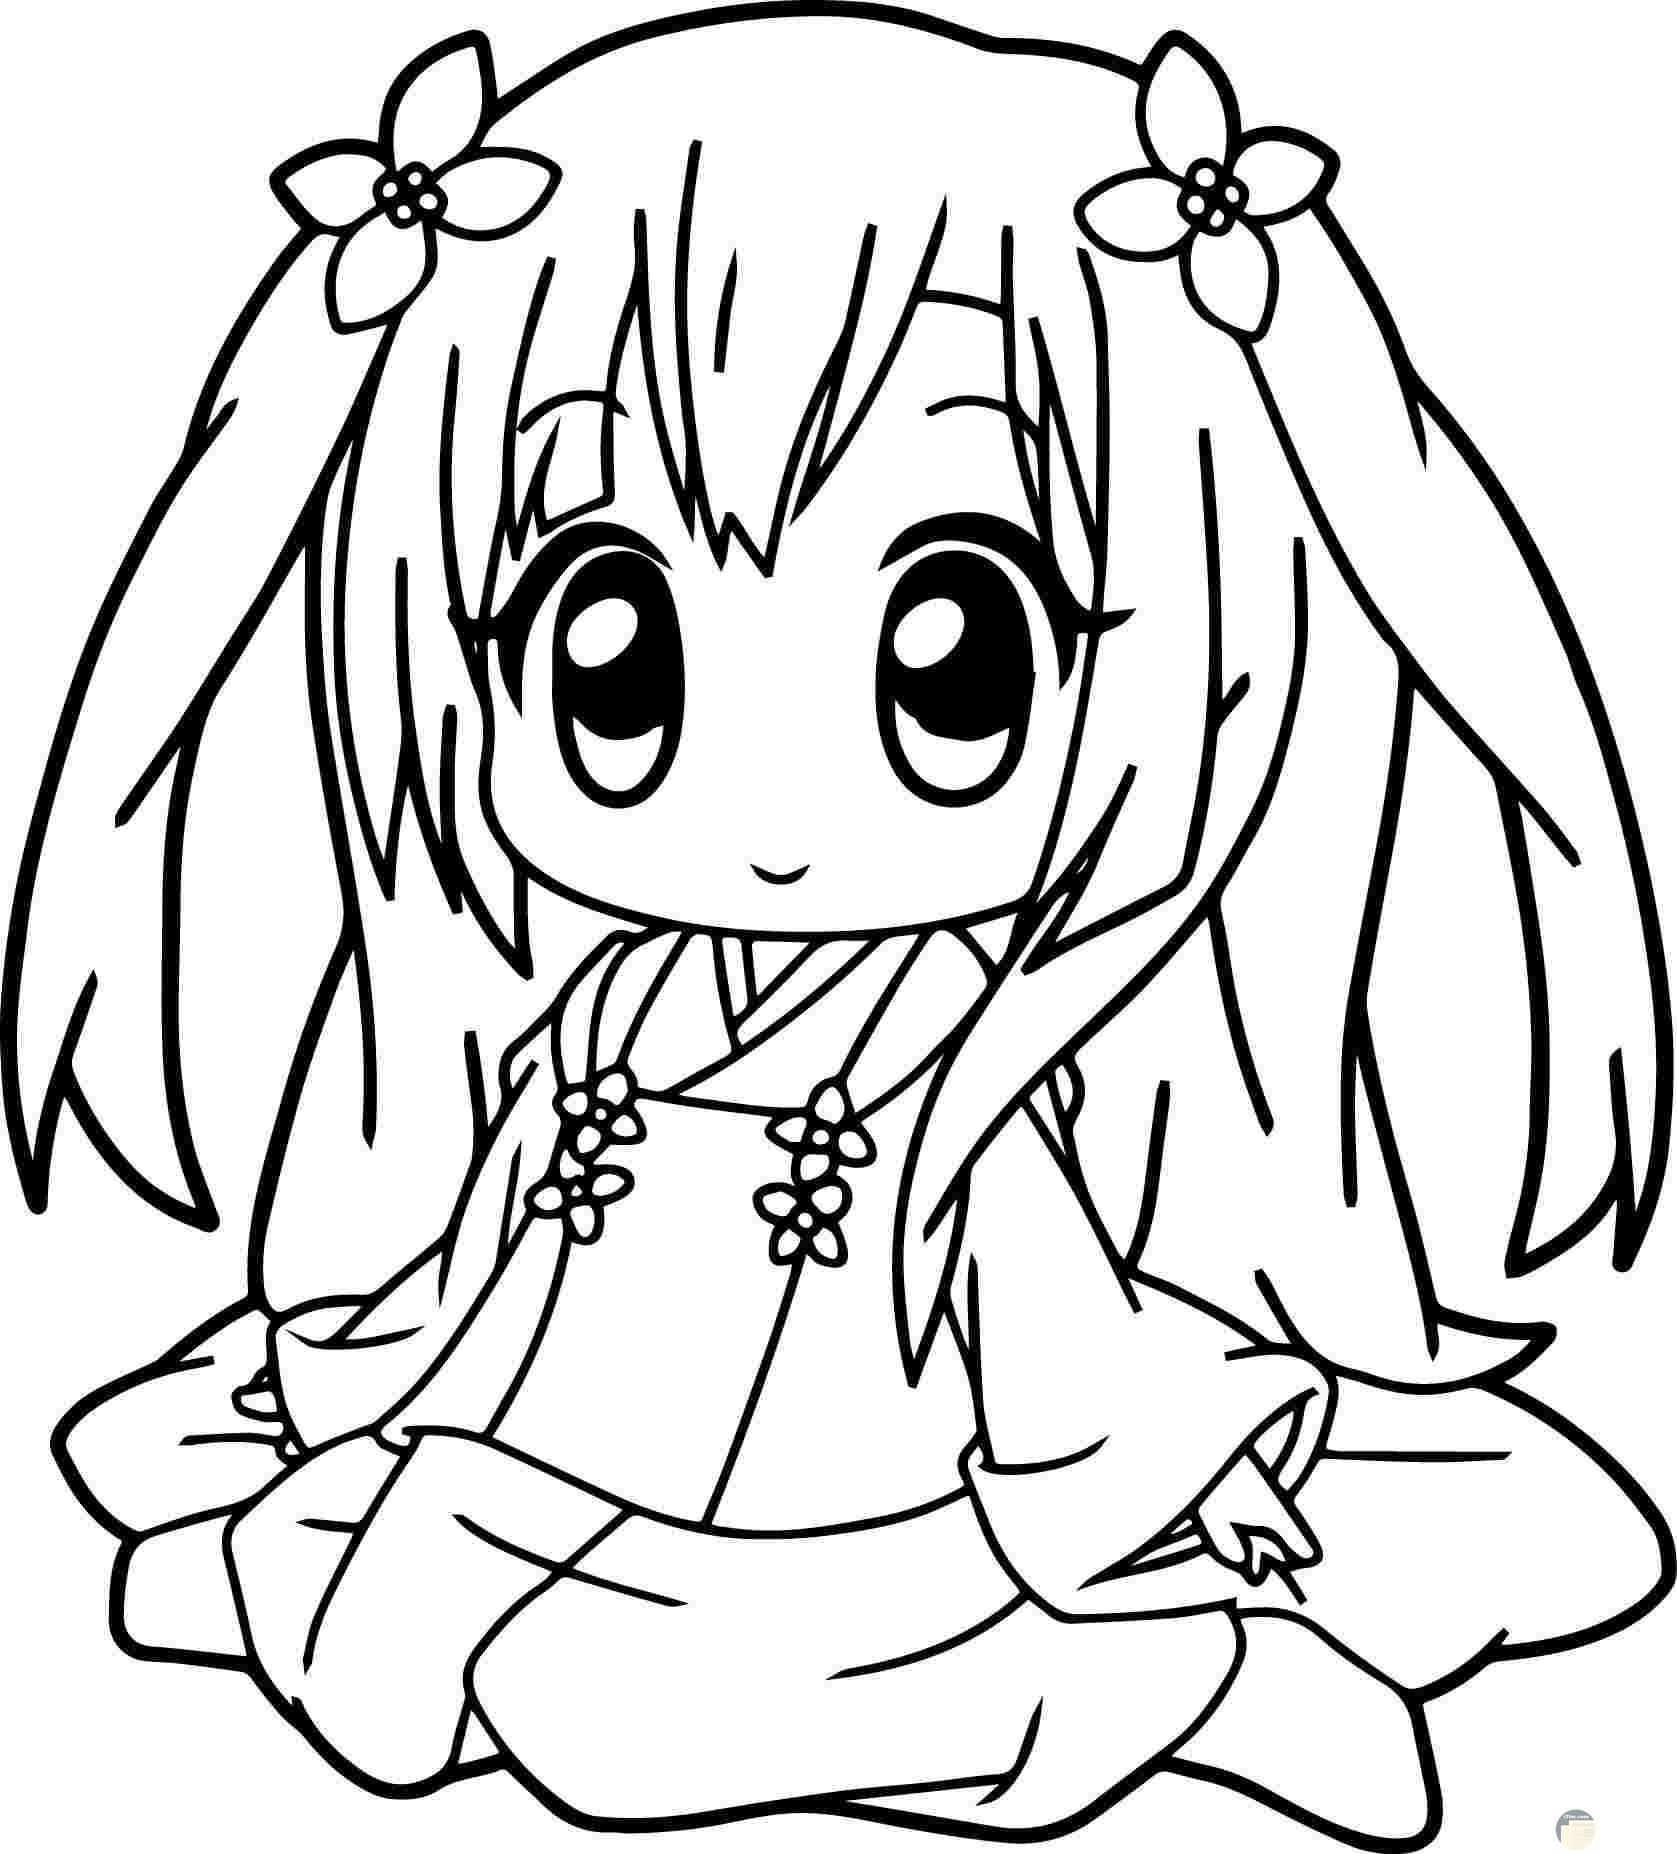 طفلة صغيرة جميلة للتلوين.